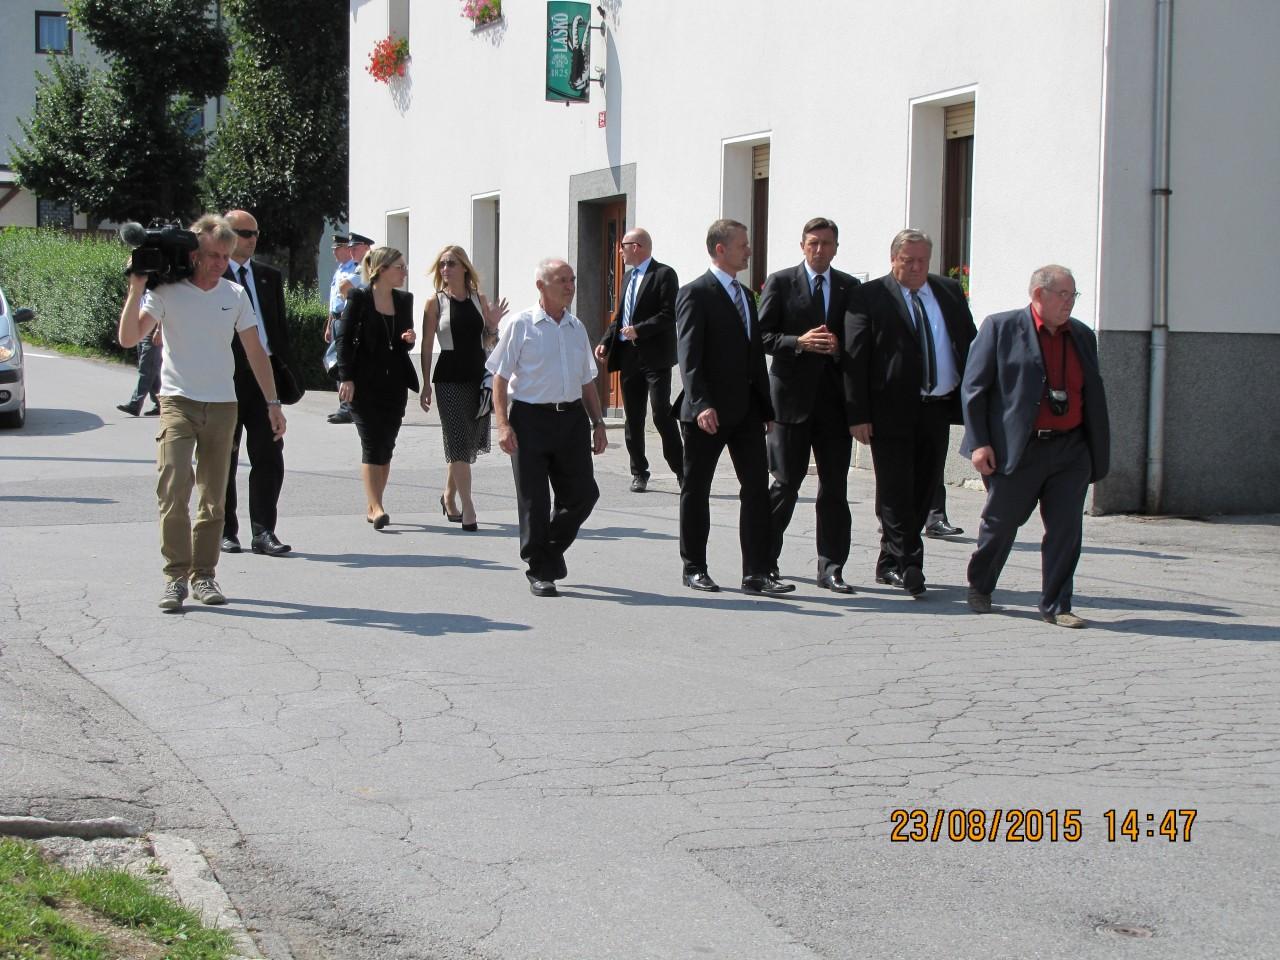 Rovte ob evropskem dnevu totalitarnih in avtoritarnih režimov 23. avgust 2015, Prihod predsednik RS Borut_Pahor, župan Občine Logatec in predsednik KS Rovte Viktor Trček